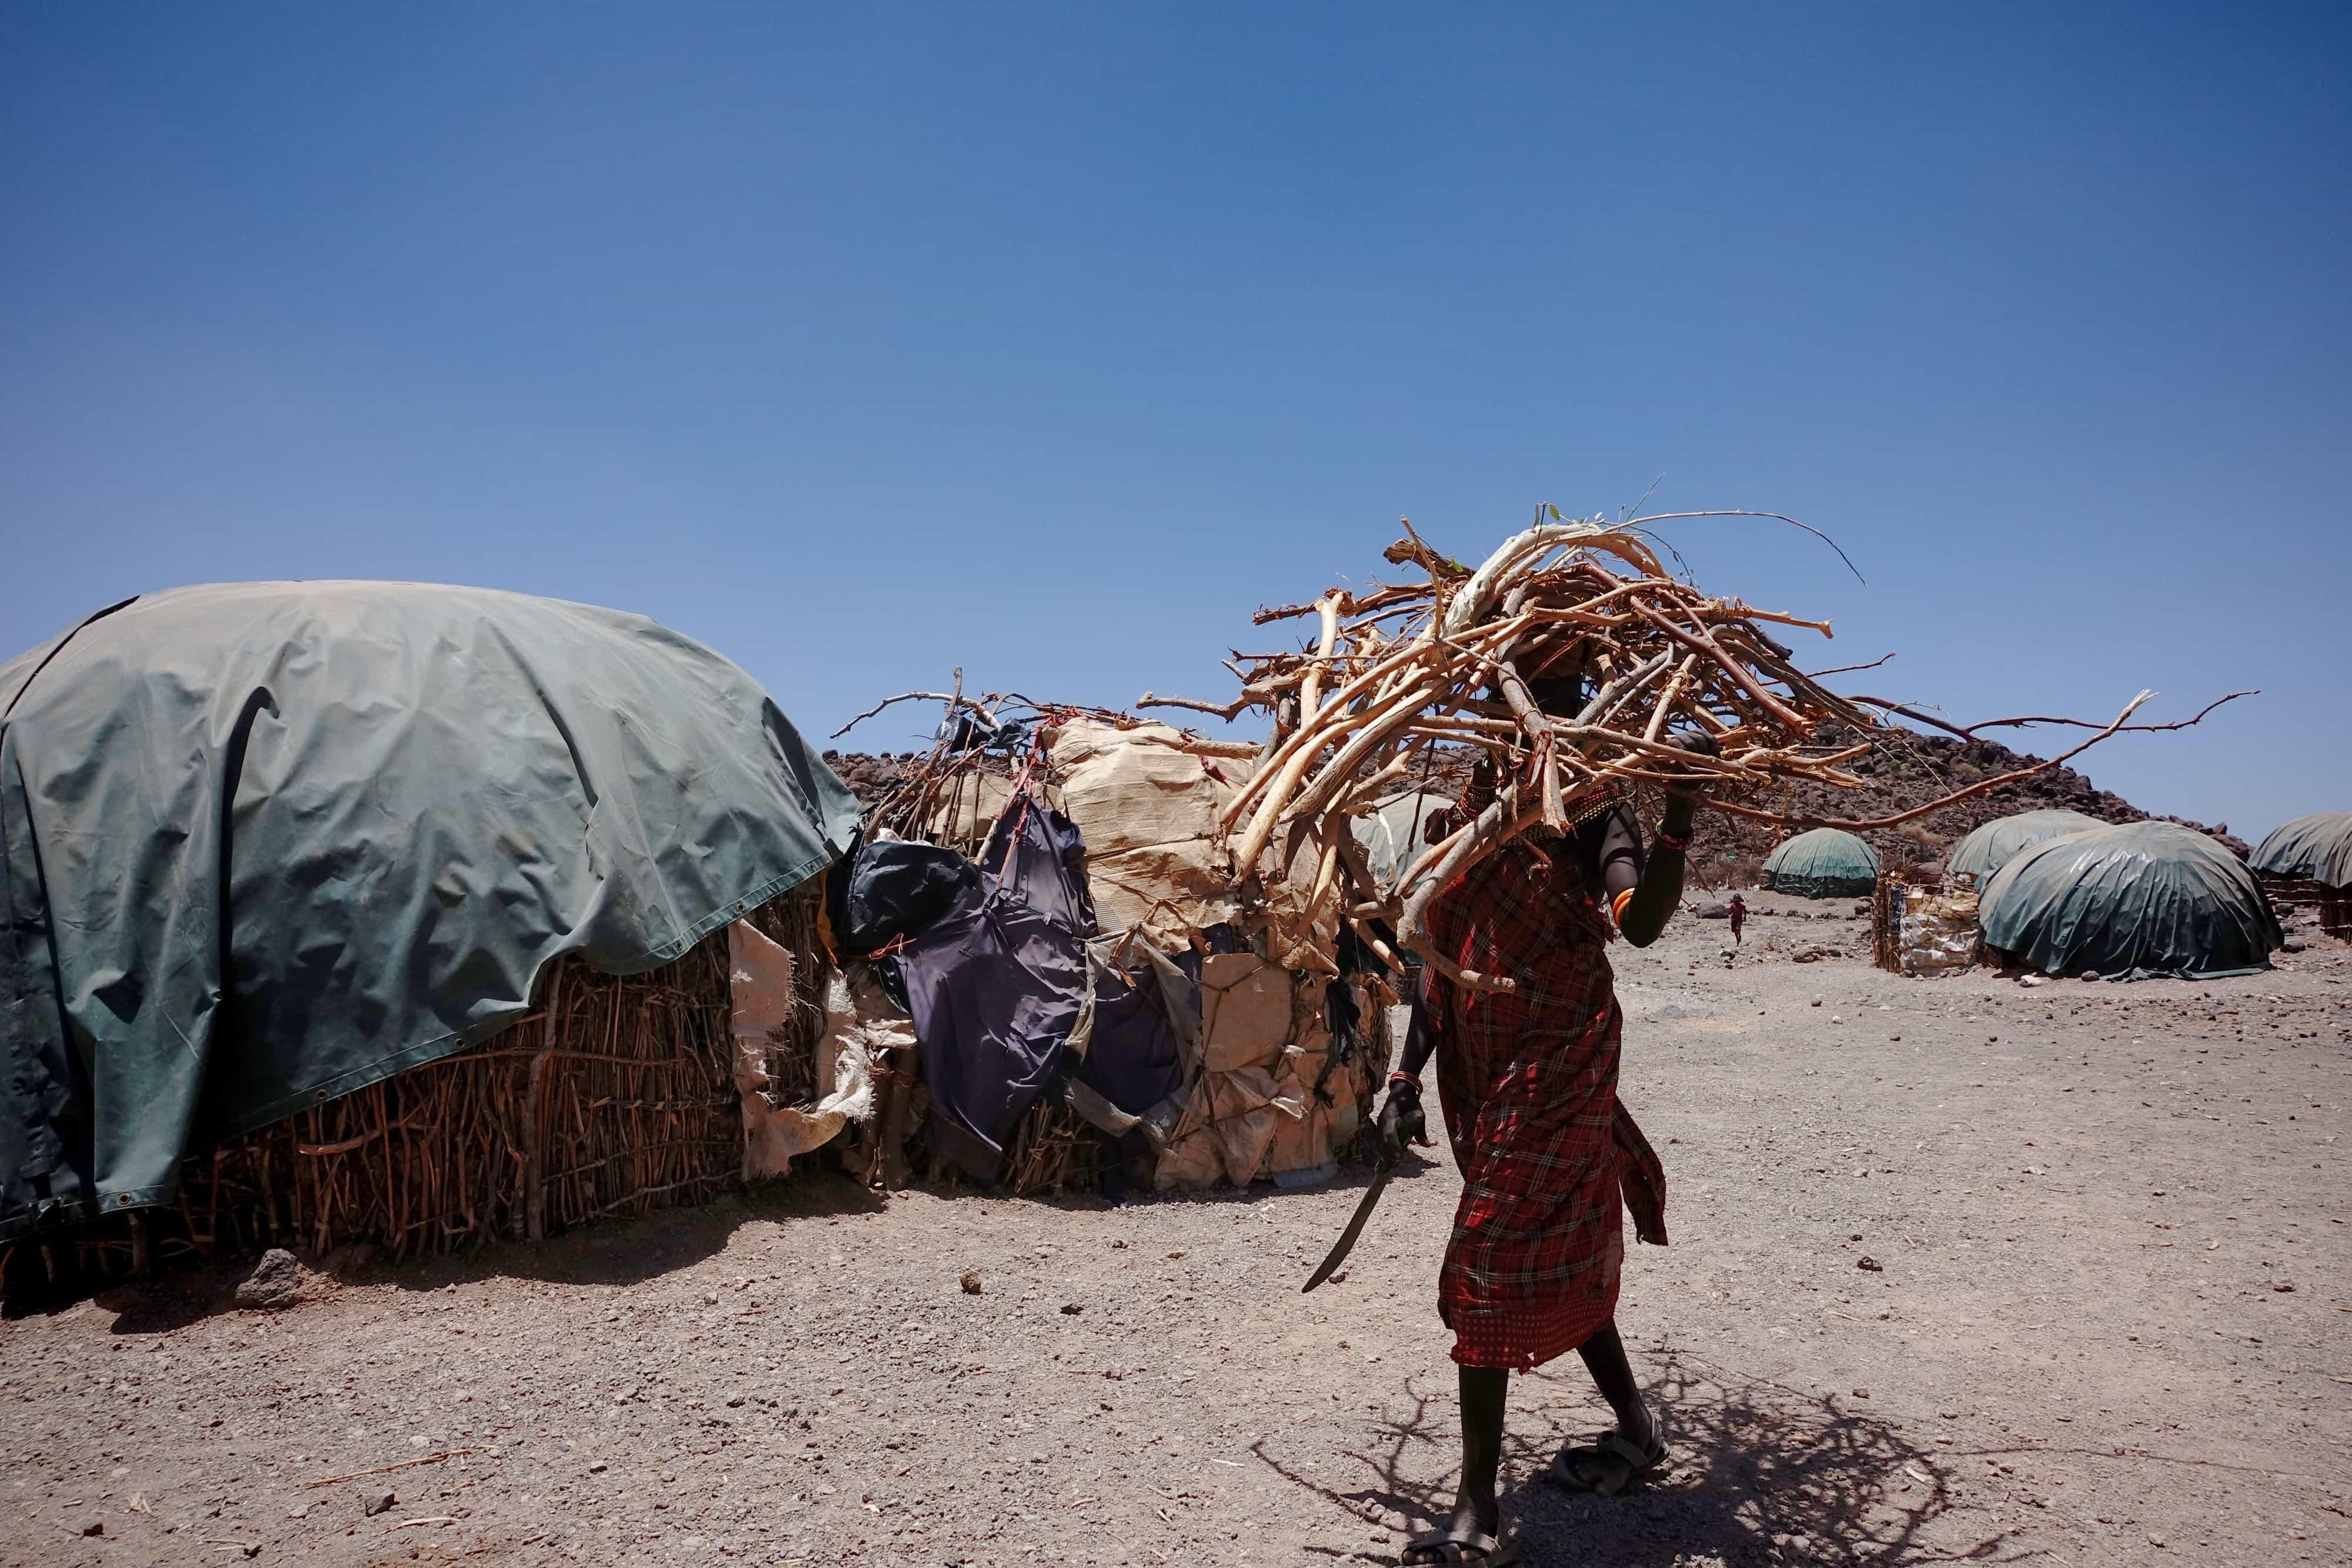 Turkana-kvinde henter brænde til madlavning eller salg i Sarima. Foto: Shafiur Rahman, Danwatch.